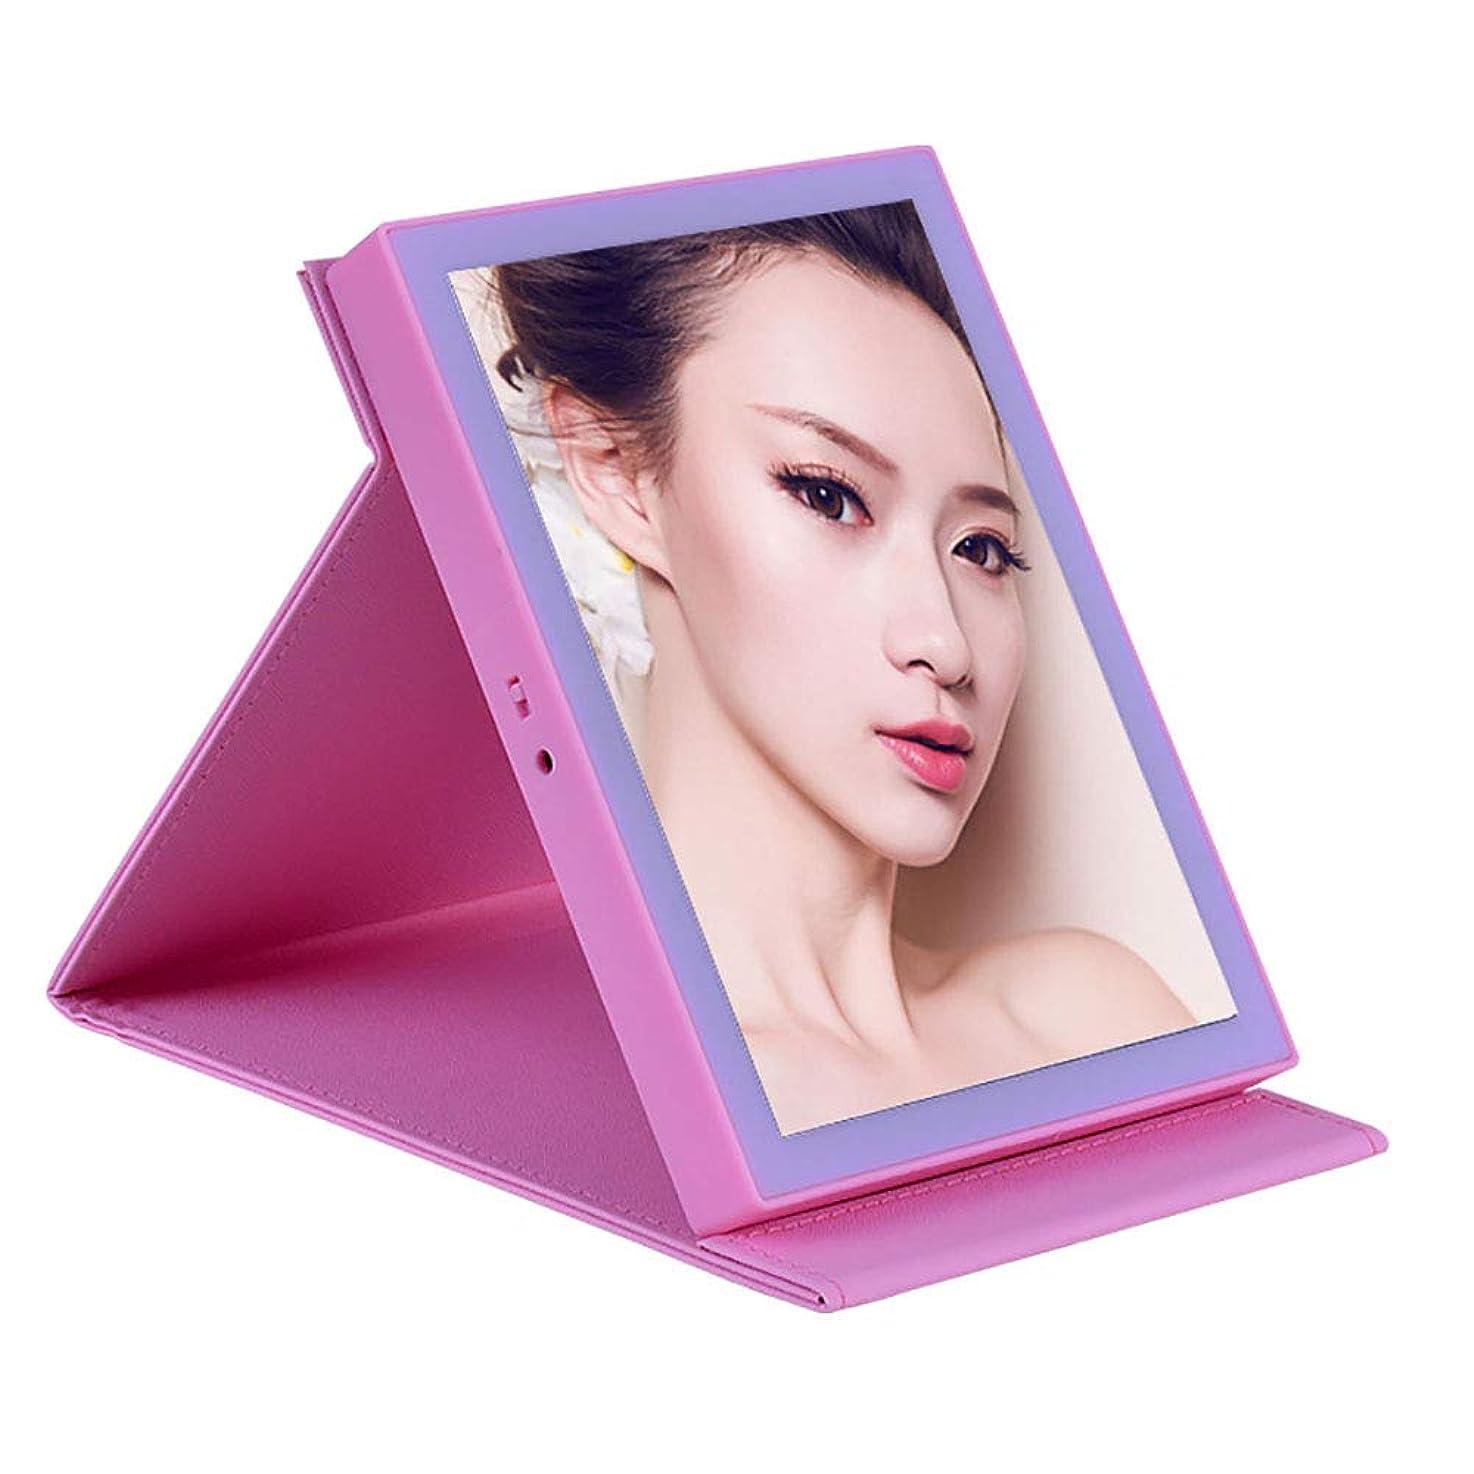 肥沃なウェイド高尚な化粧鏡は充電式シングルミラー自立型ポータブルミラーを主導